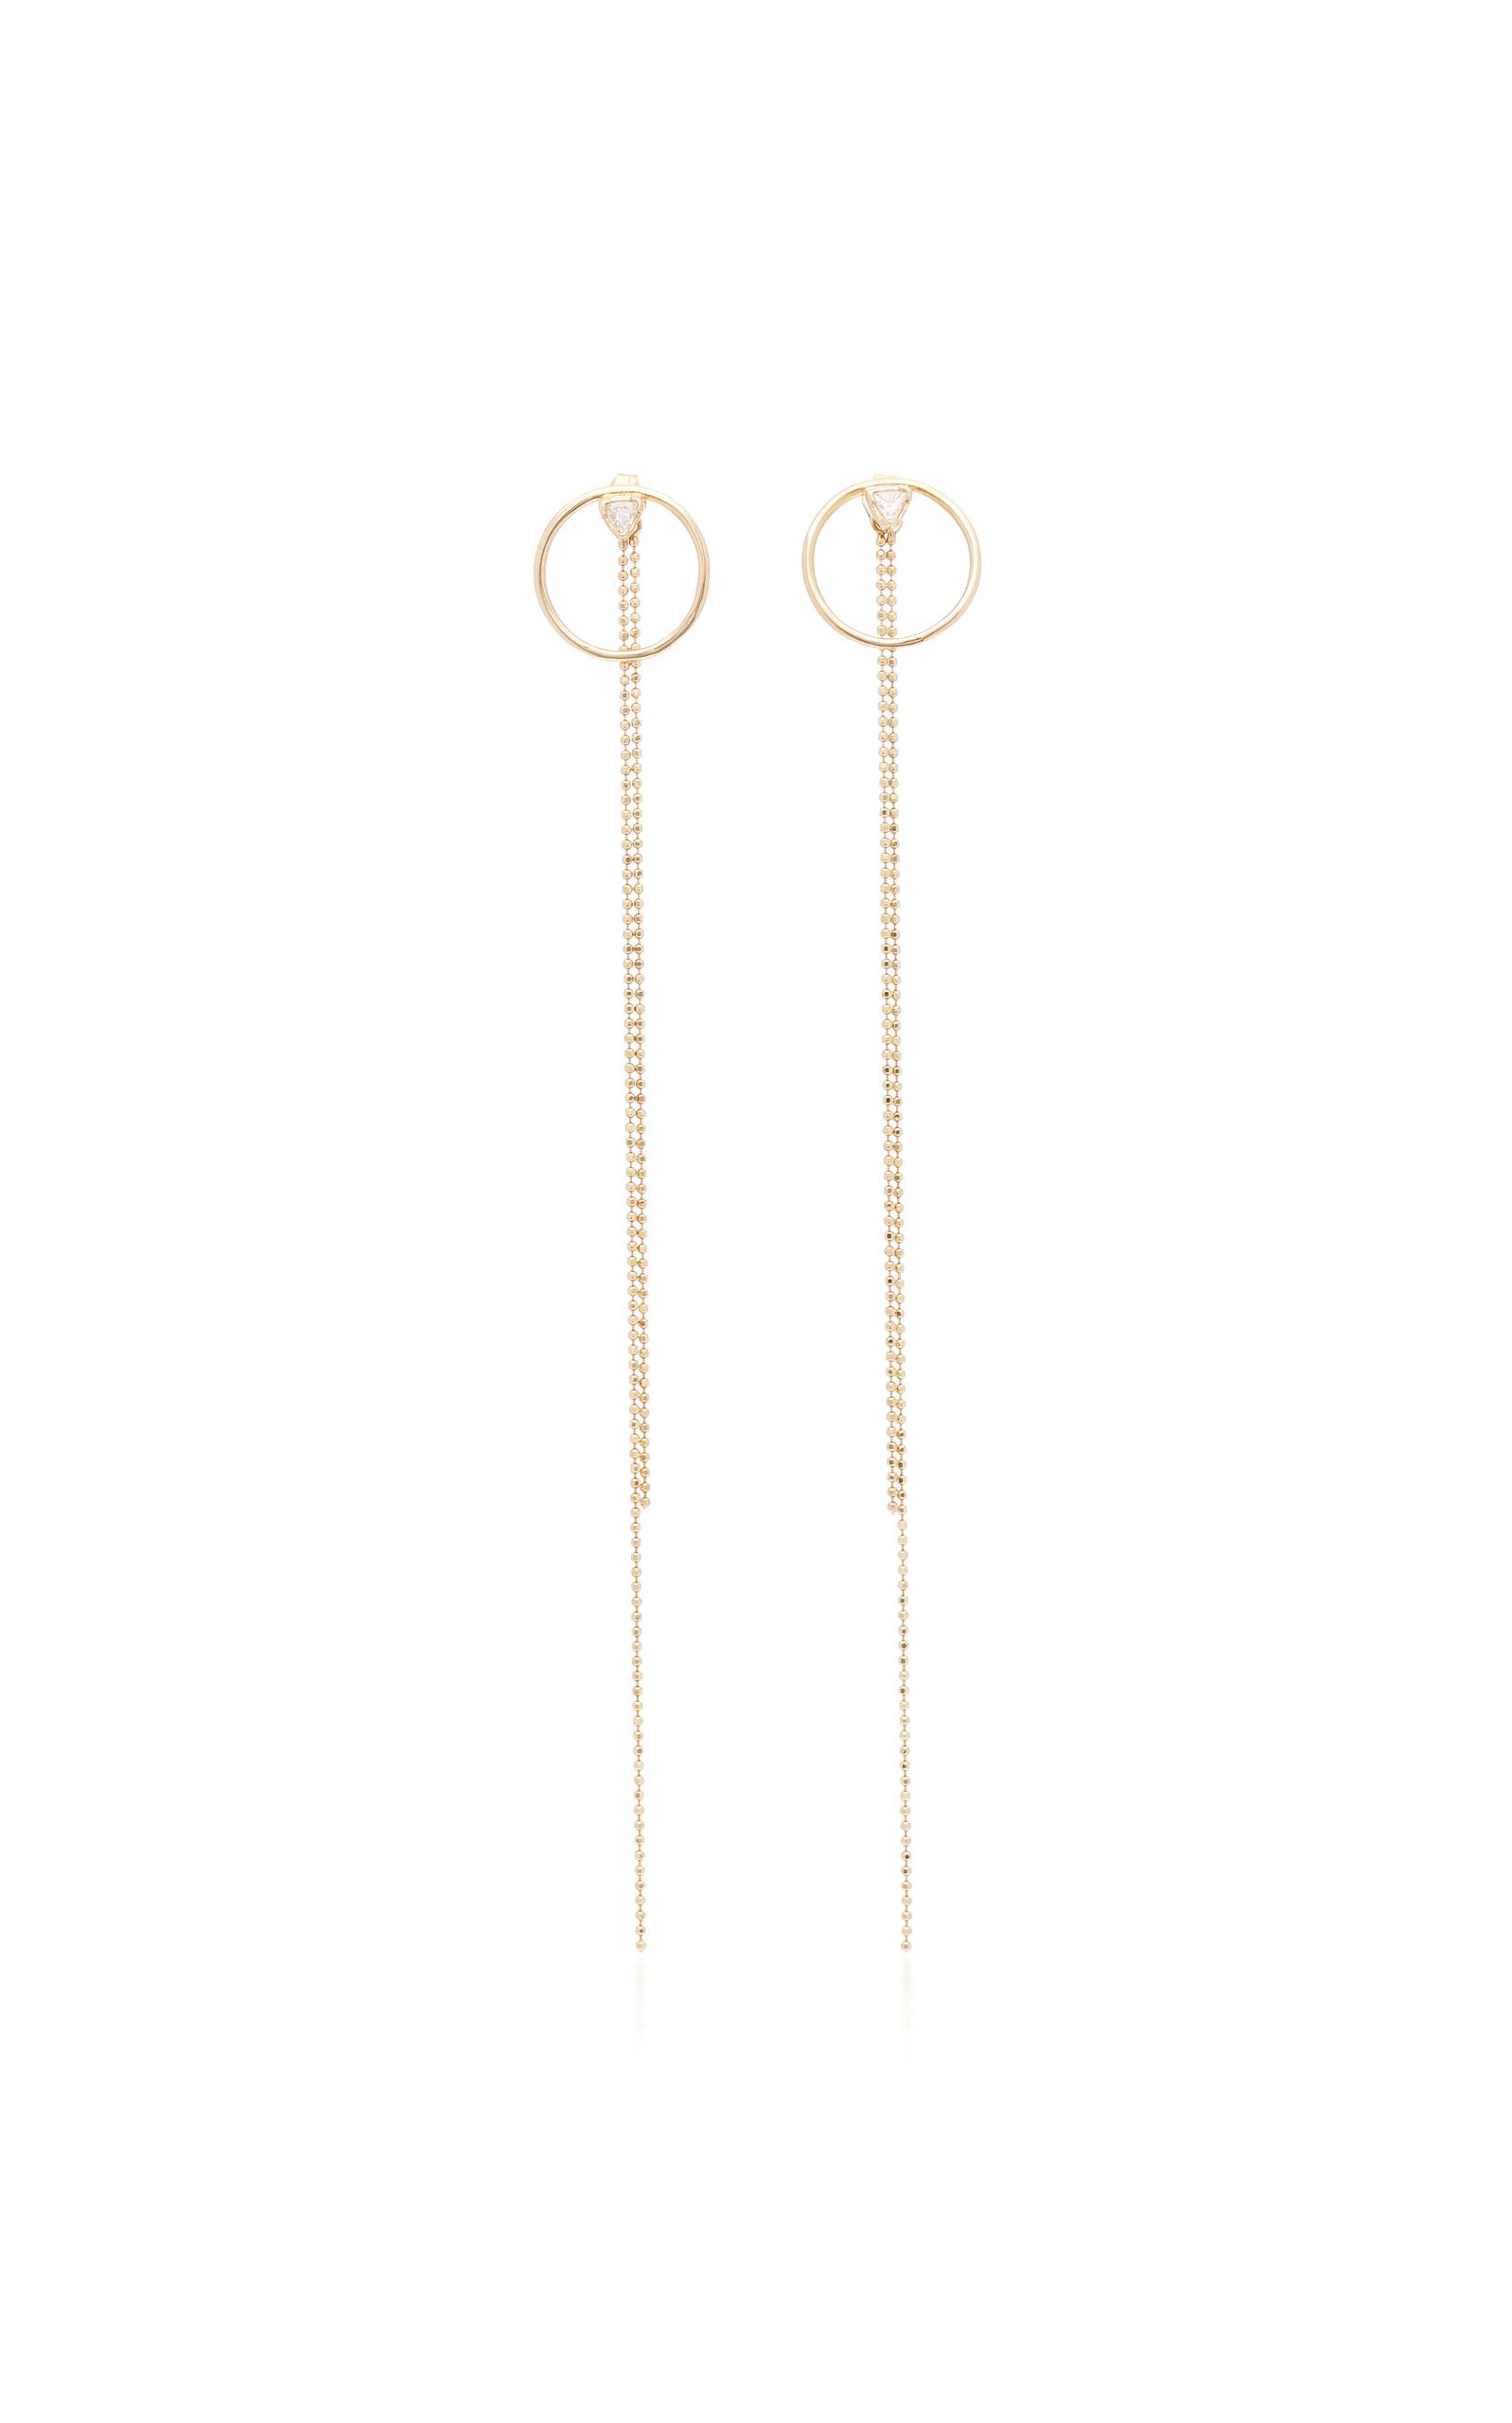 Trillion 14K Gold Diamond Hoop Dangle Earrings by